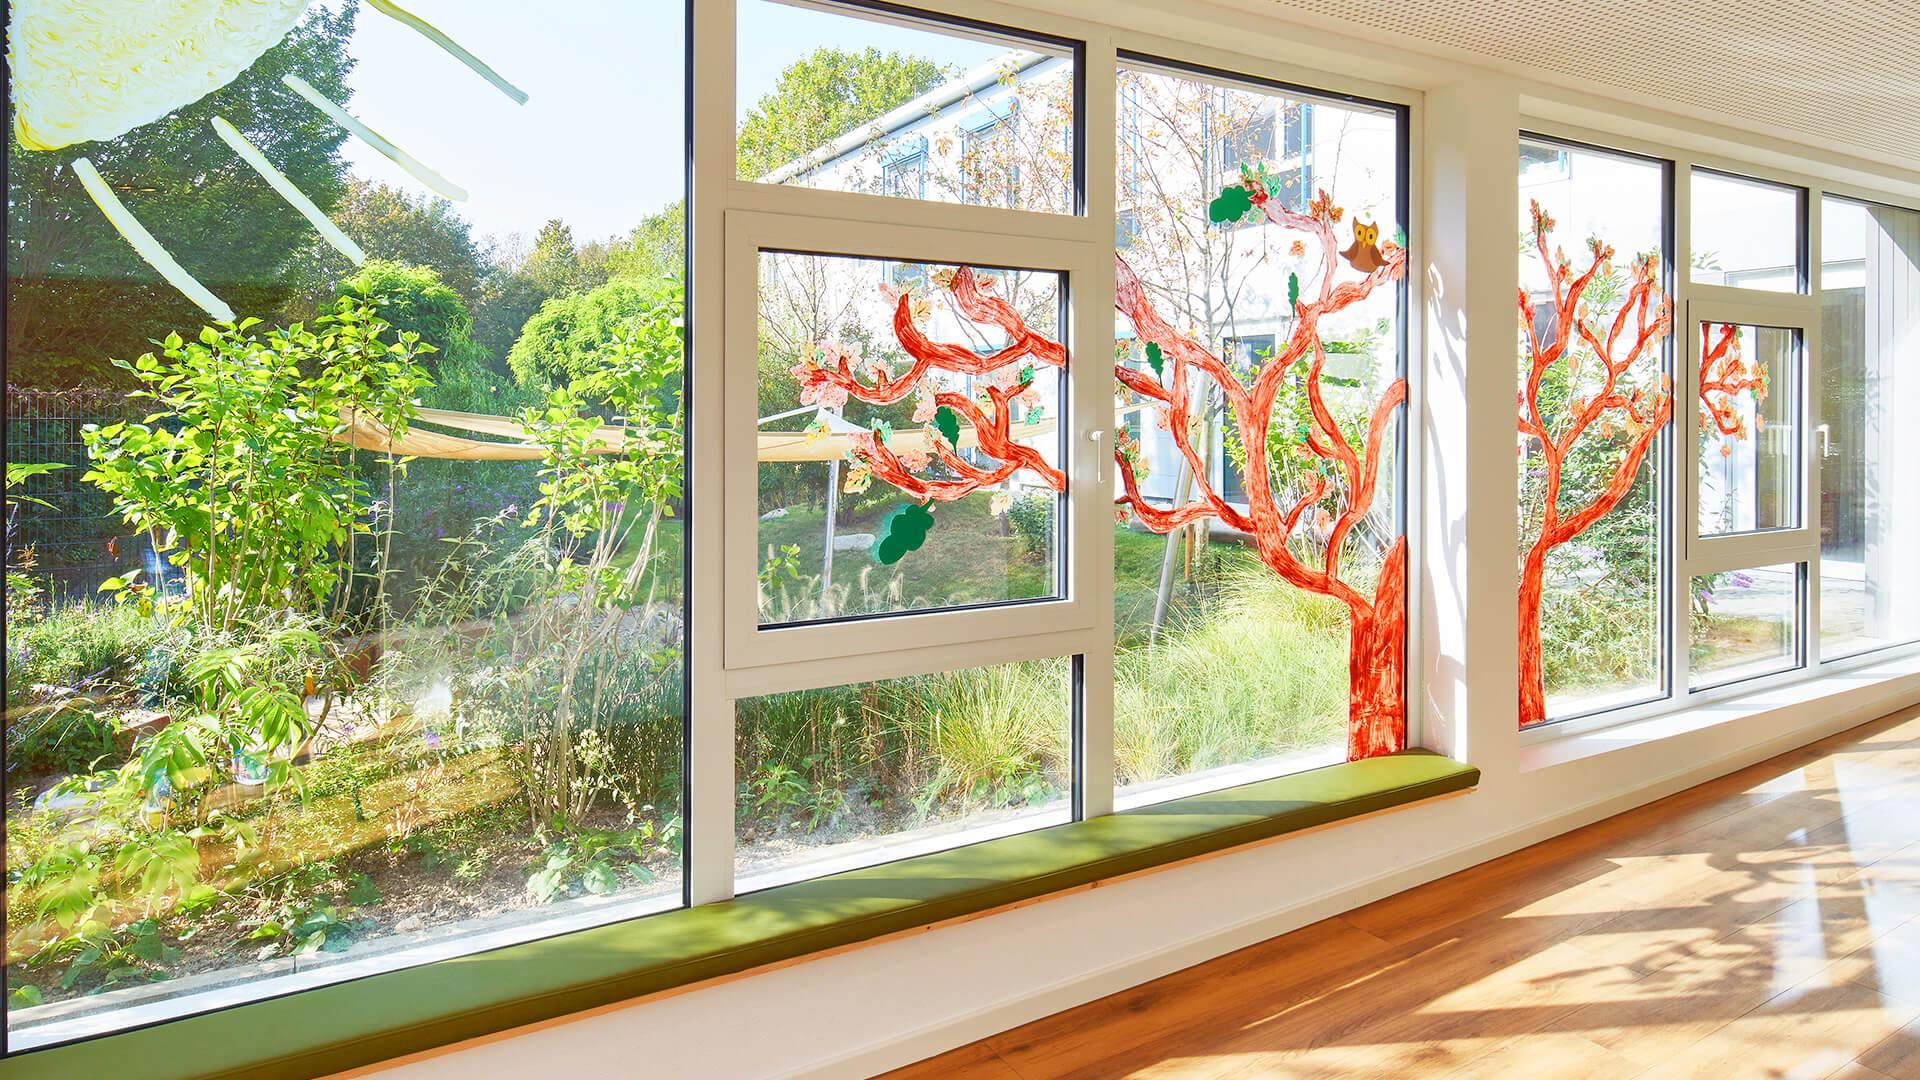 Große, von den Kindern bemalte Fenster mit Sonne, Baum und einer Eule. Blick auf den großzügigen Garten.